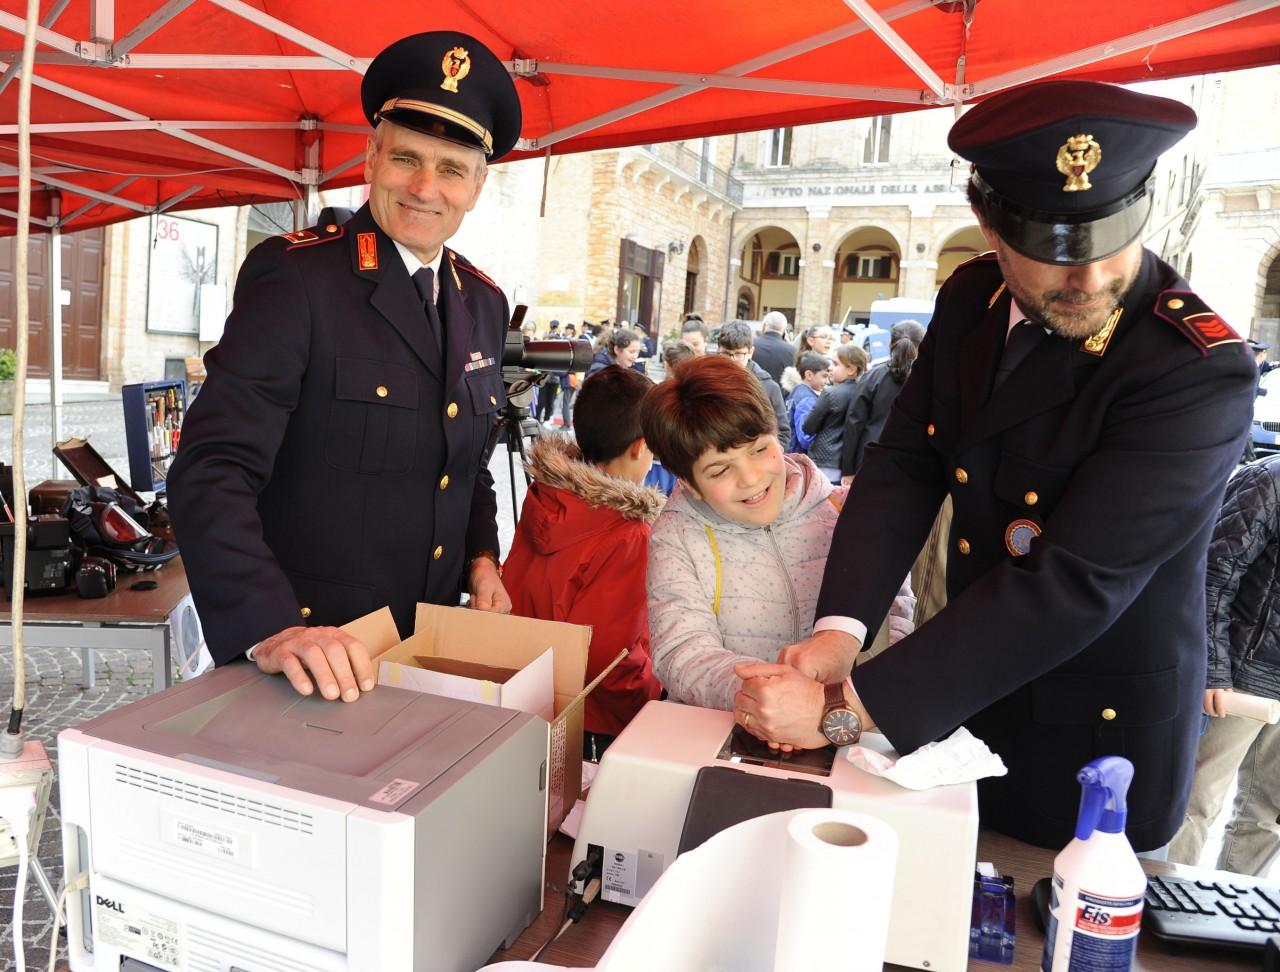 festa polizia 2018 macerata (31)